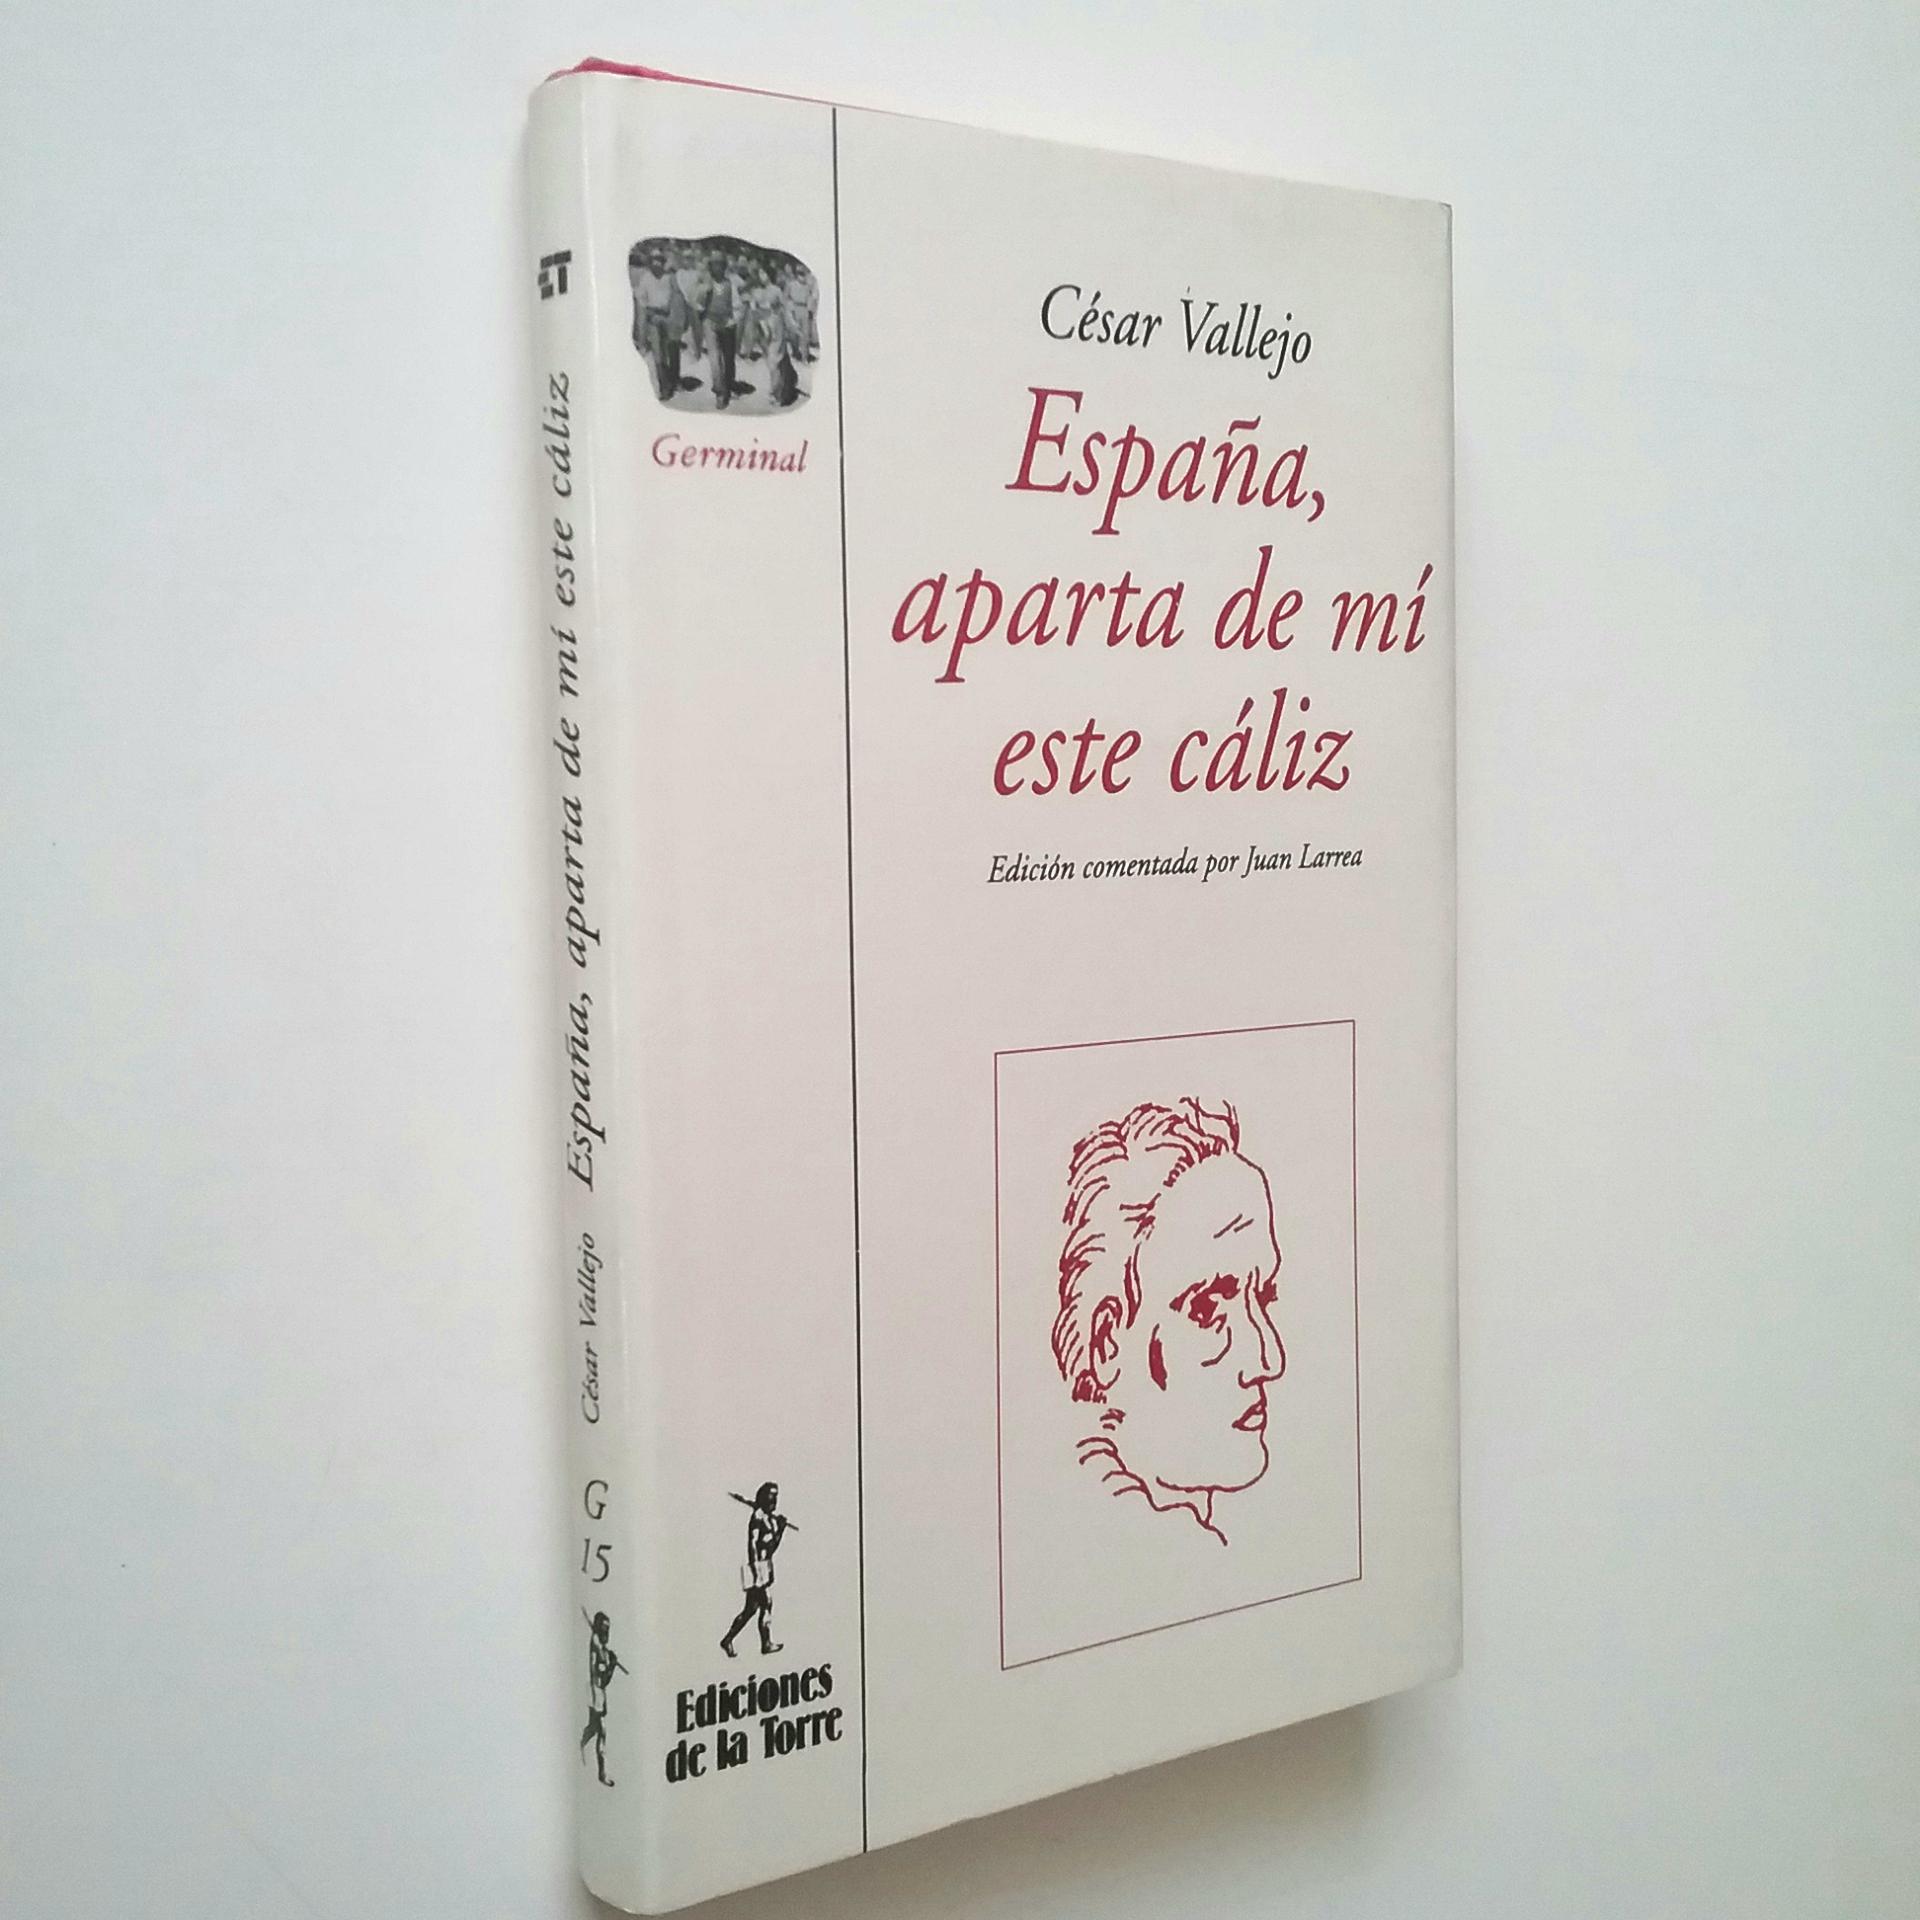 España, aparta de mí este cáliz - César Vallejo (Edición comentada por Juan Larrea)